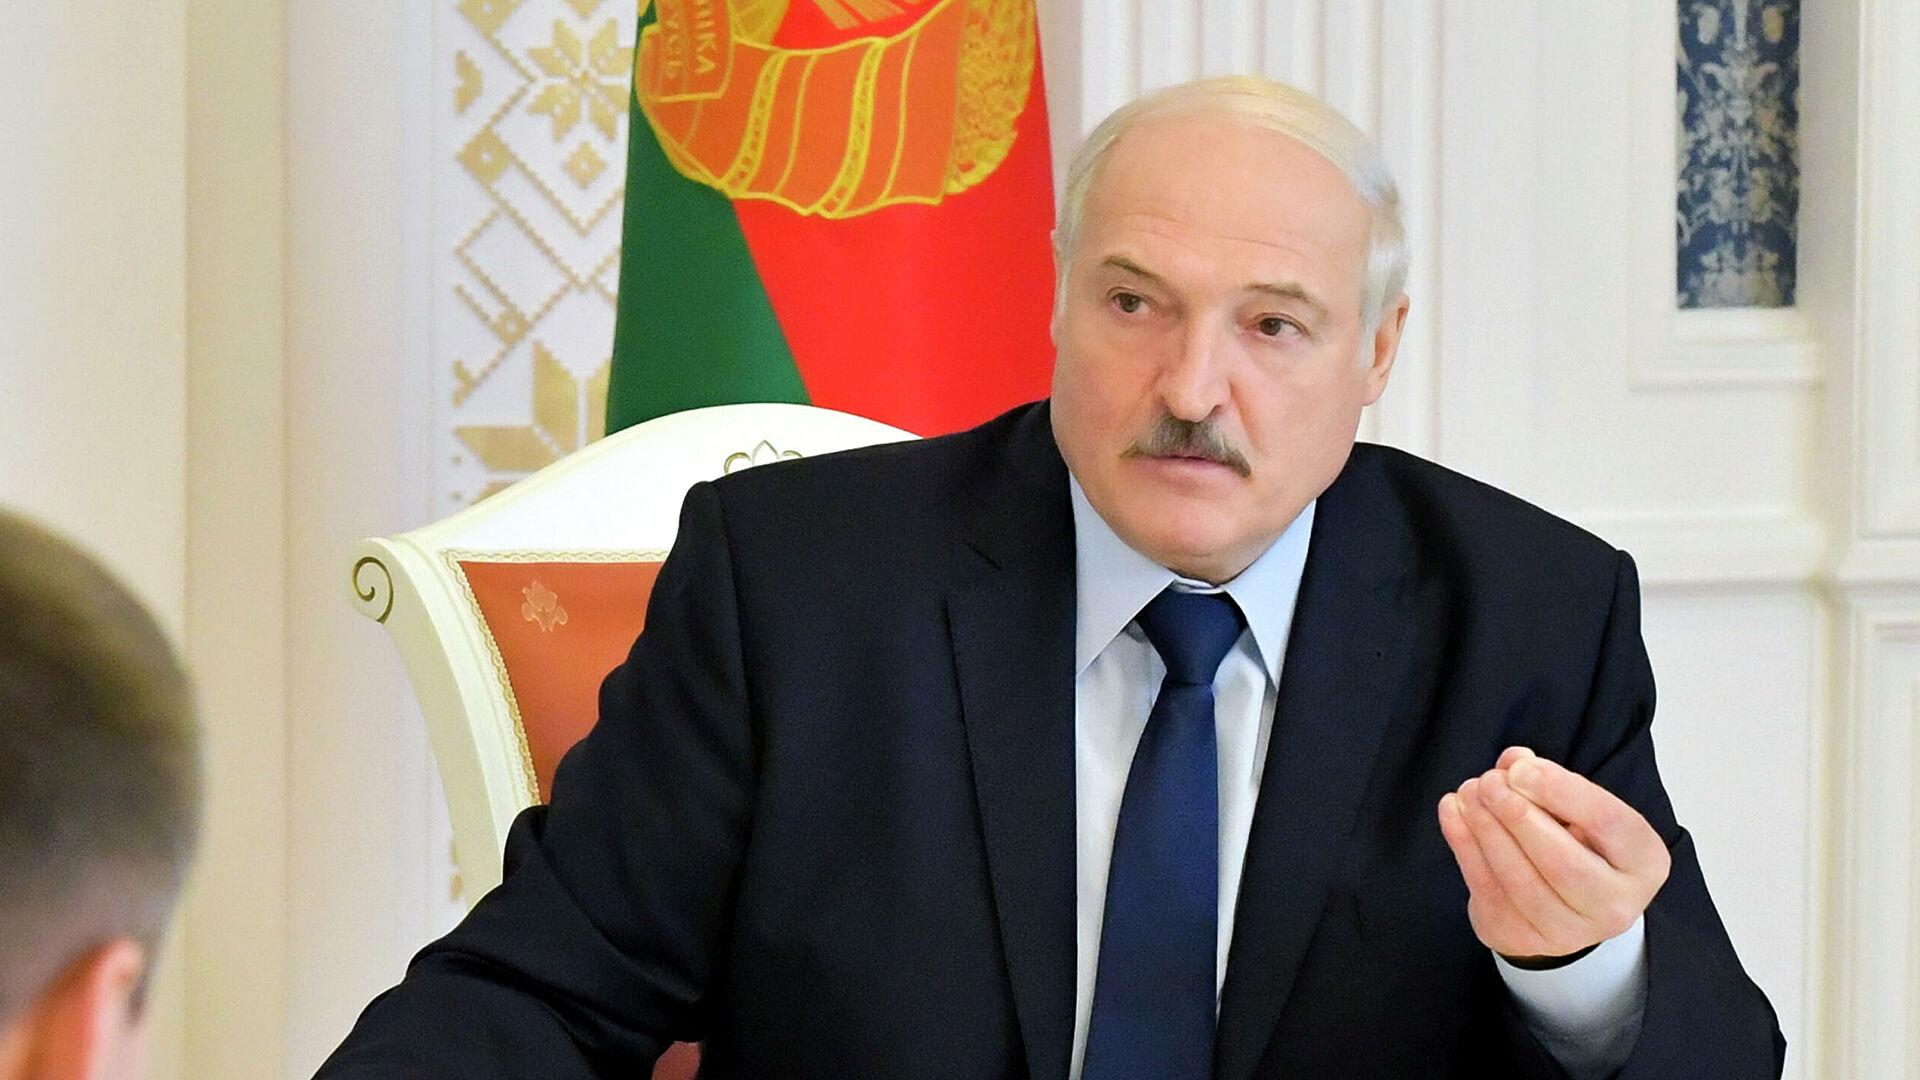 Лукашенко: Белорусија и Русија веома добро могу да развијају сопствену привреду упркос ограничавајућим мерама